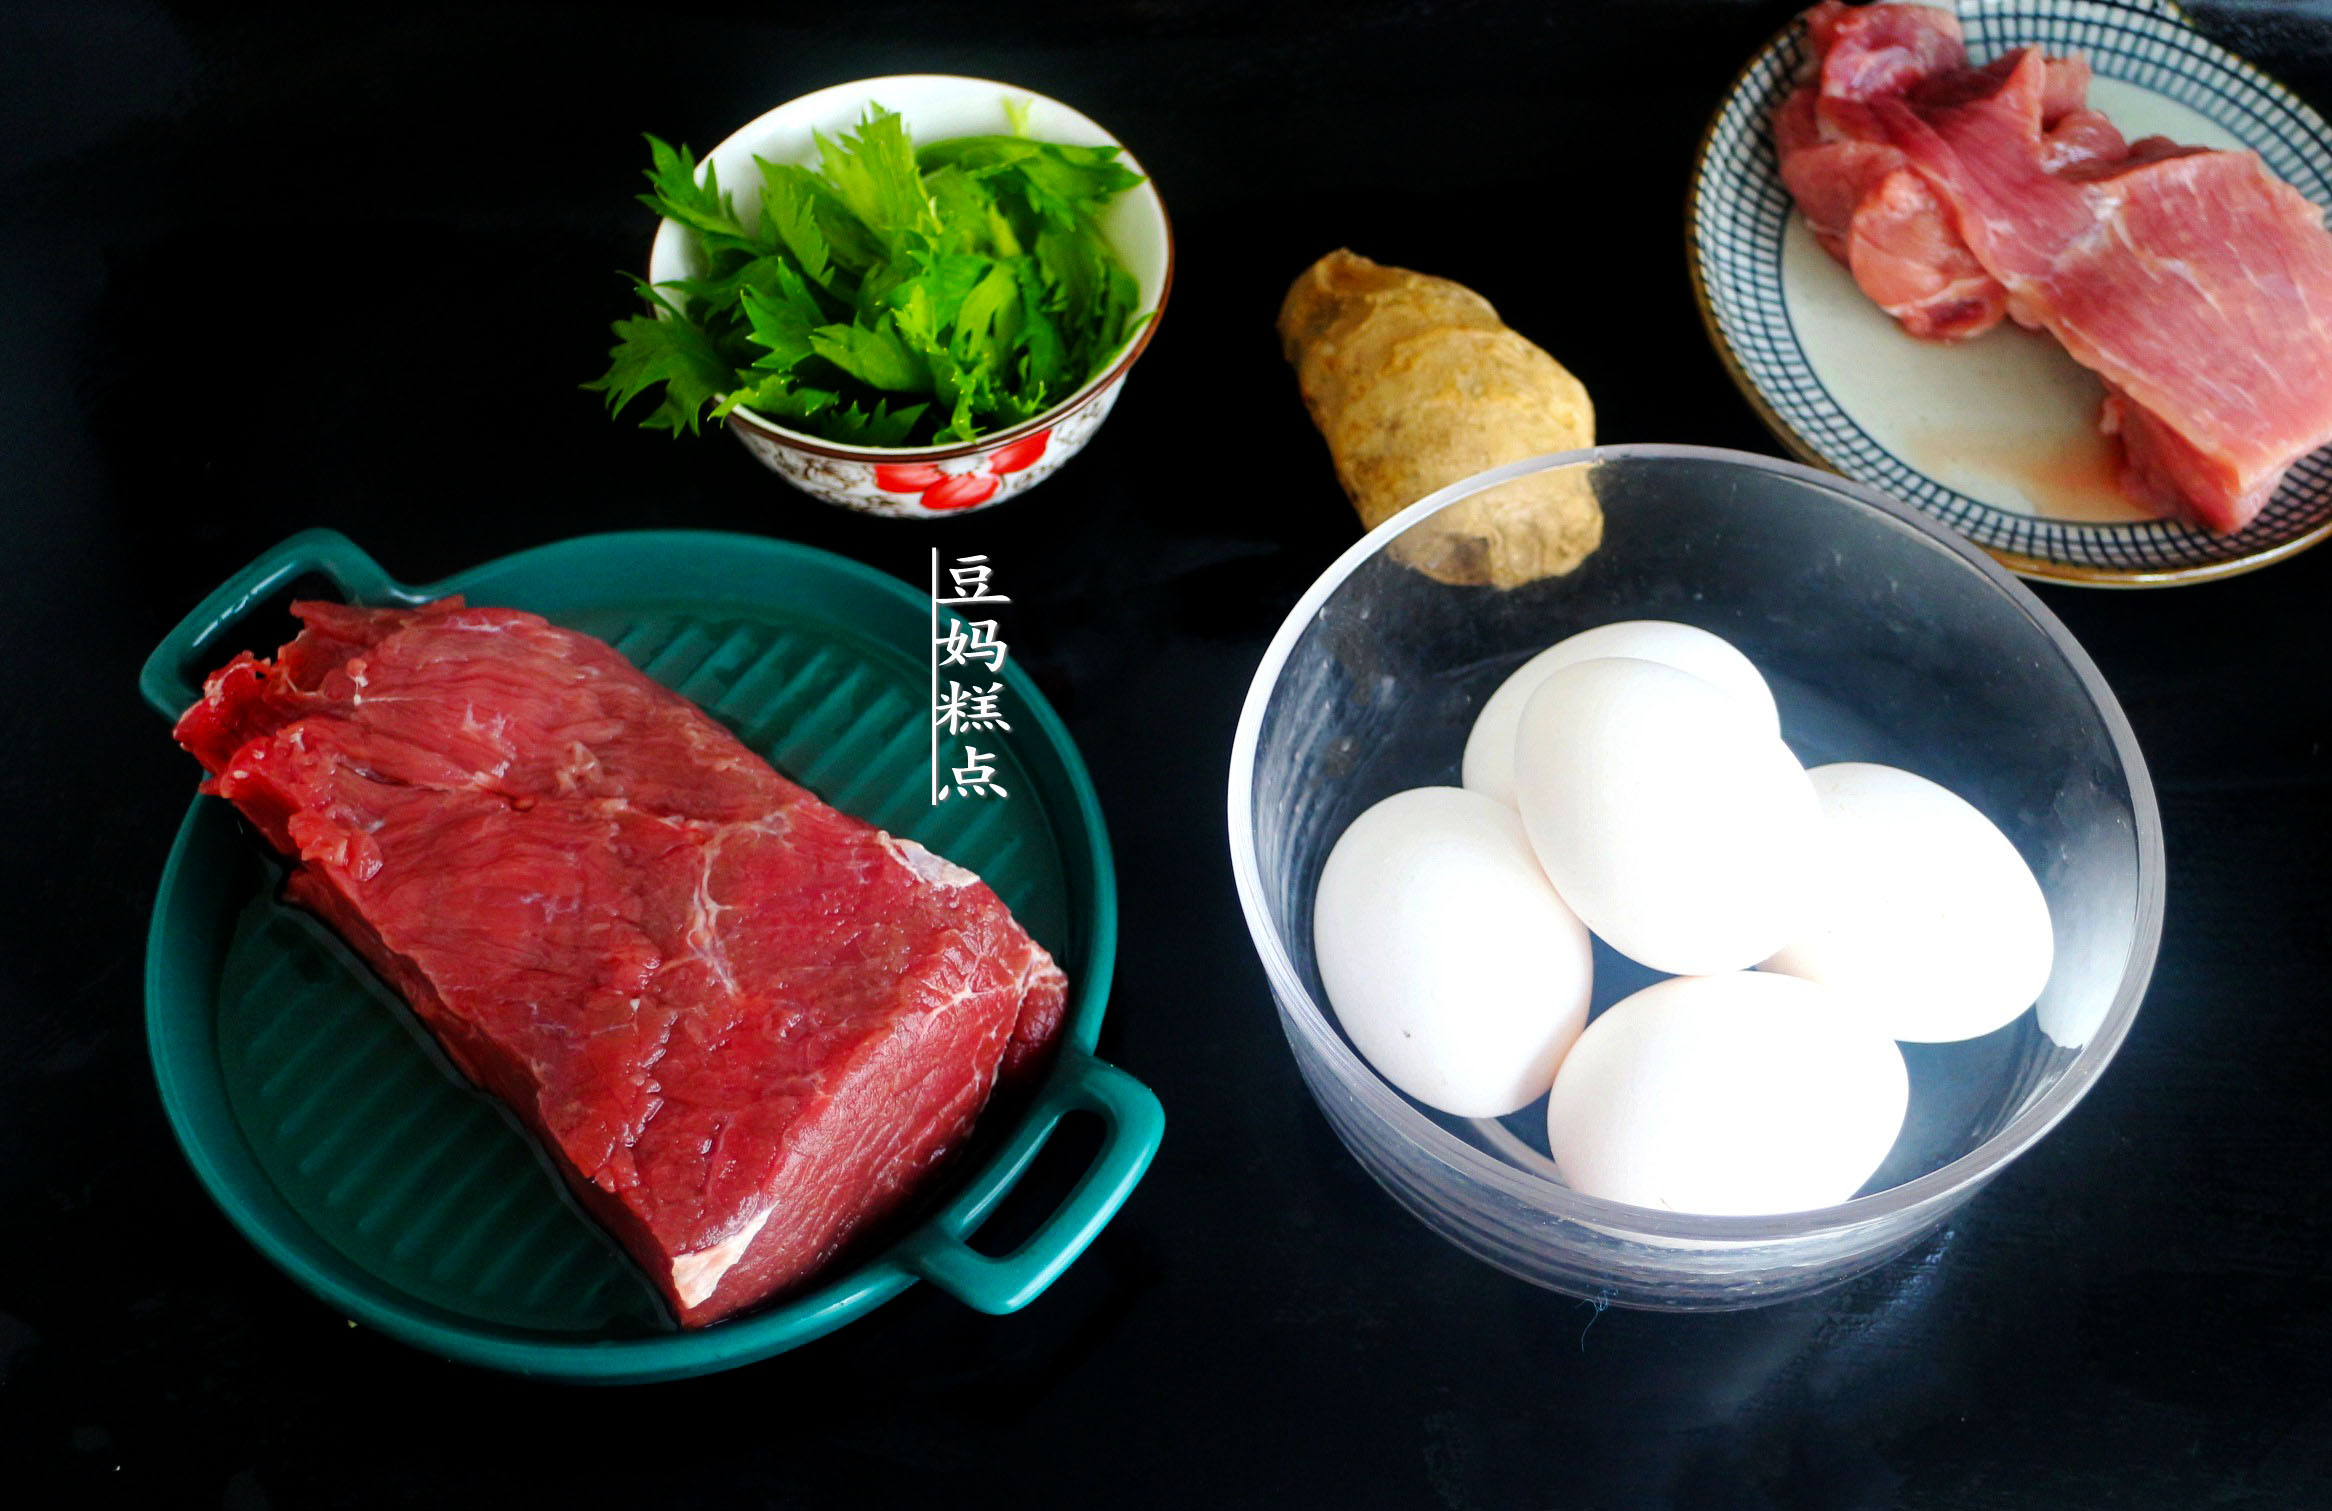 經典廣式牛肉粥的做法,只需10分鐘,肉嫩粥滑